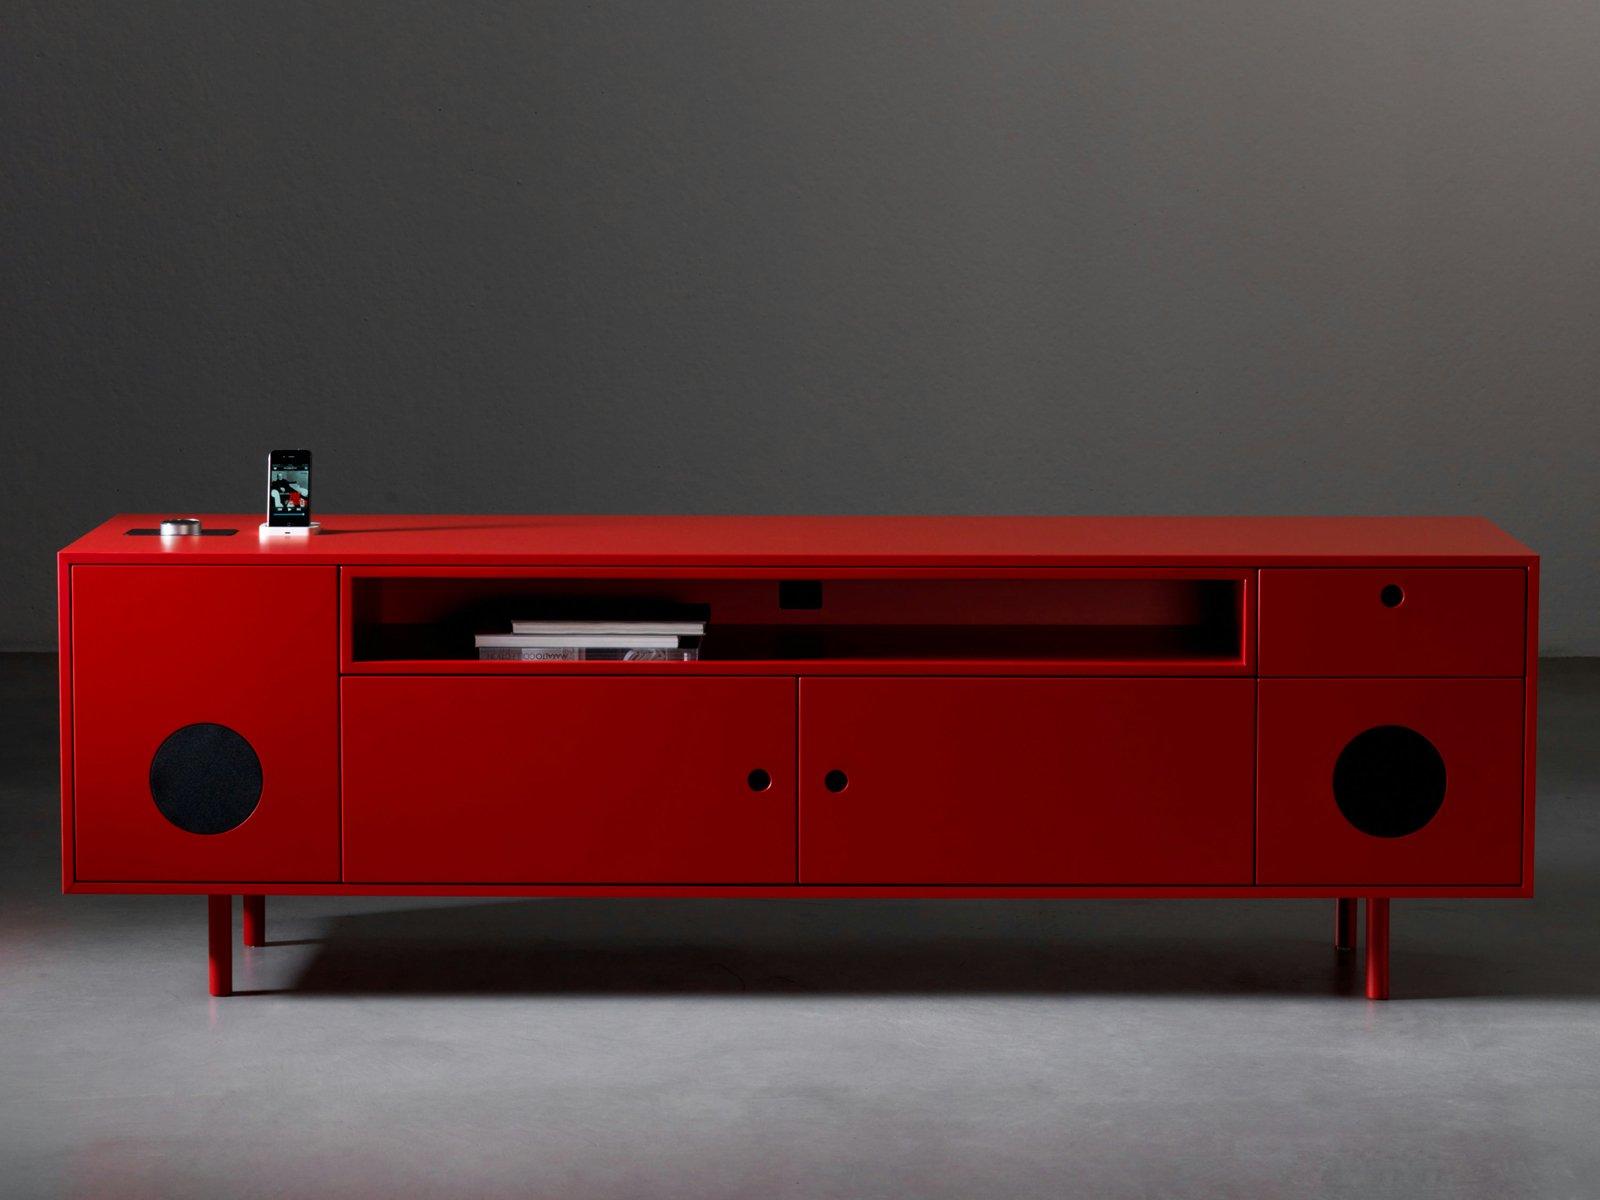 Credenza Moderna Laccata Rossa : Credenza moderna cubric riflessi legno acciaio